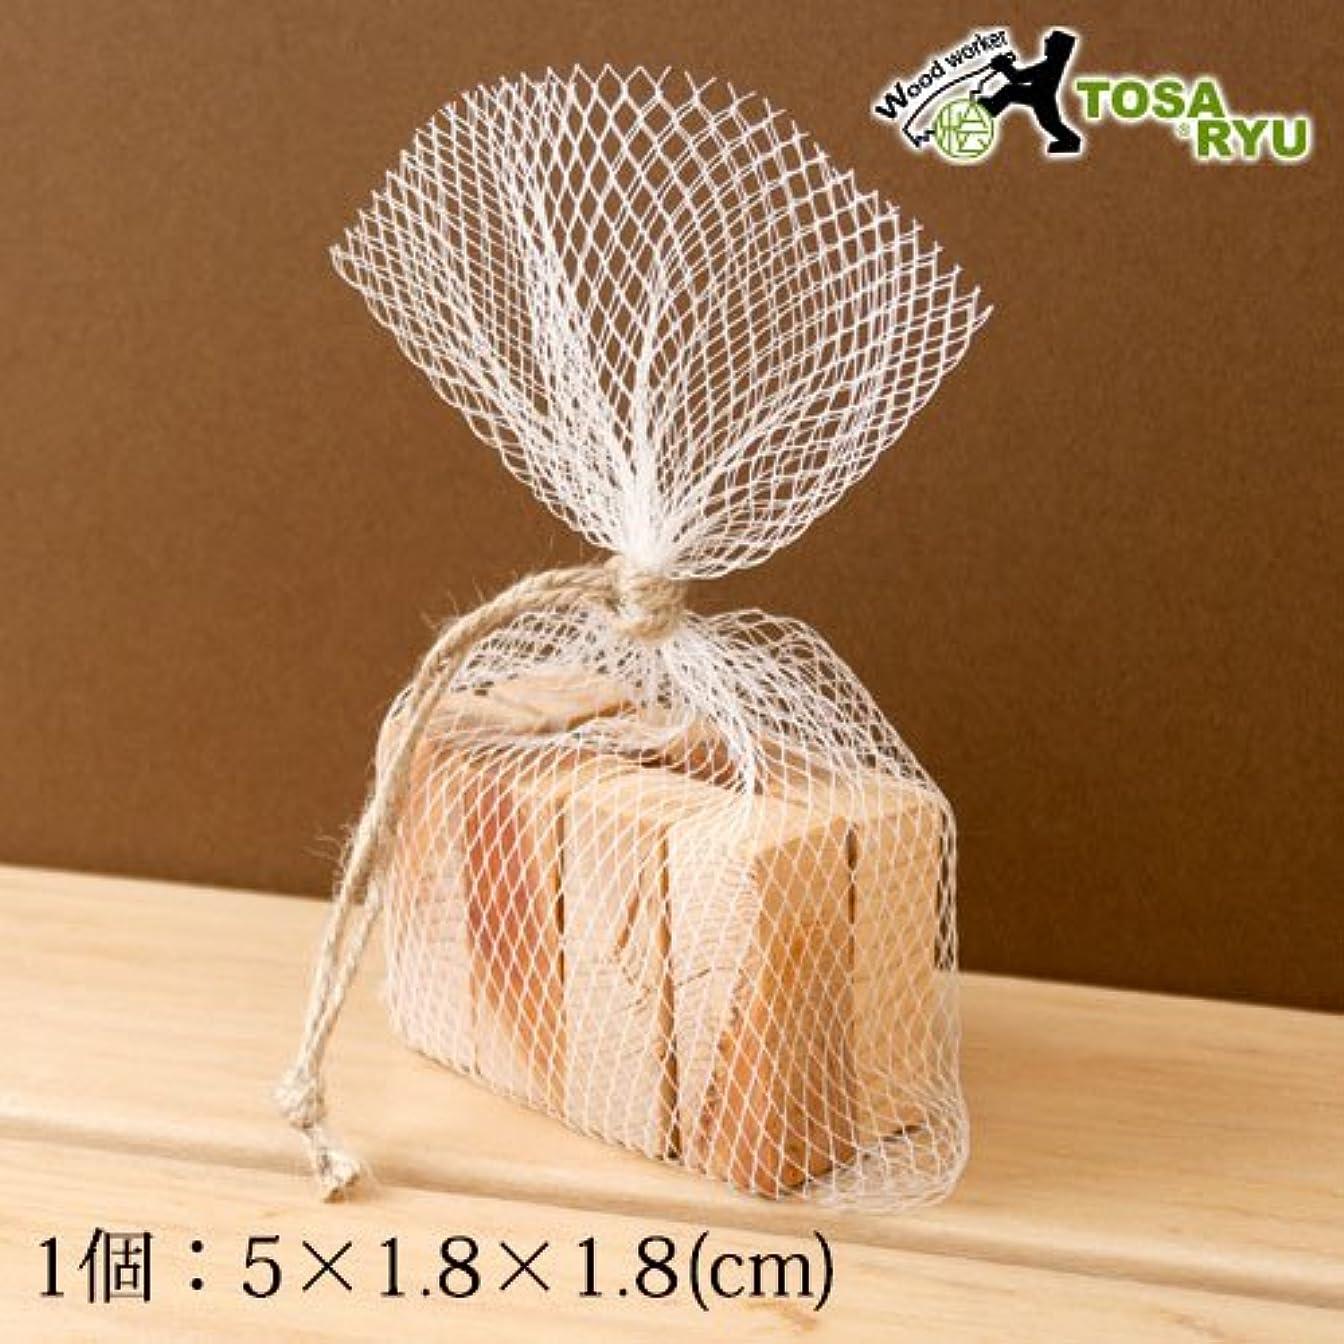 同行過半数報酬の土佐龍アロマブロックメッシュ袋入り高知県の工芸品Bath additive of cypress, Kochi craft